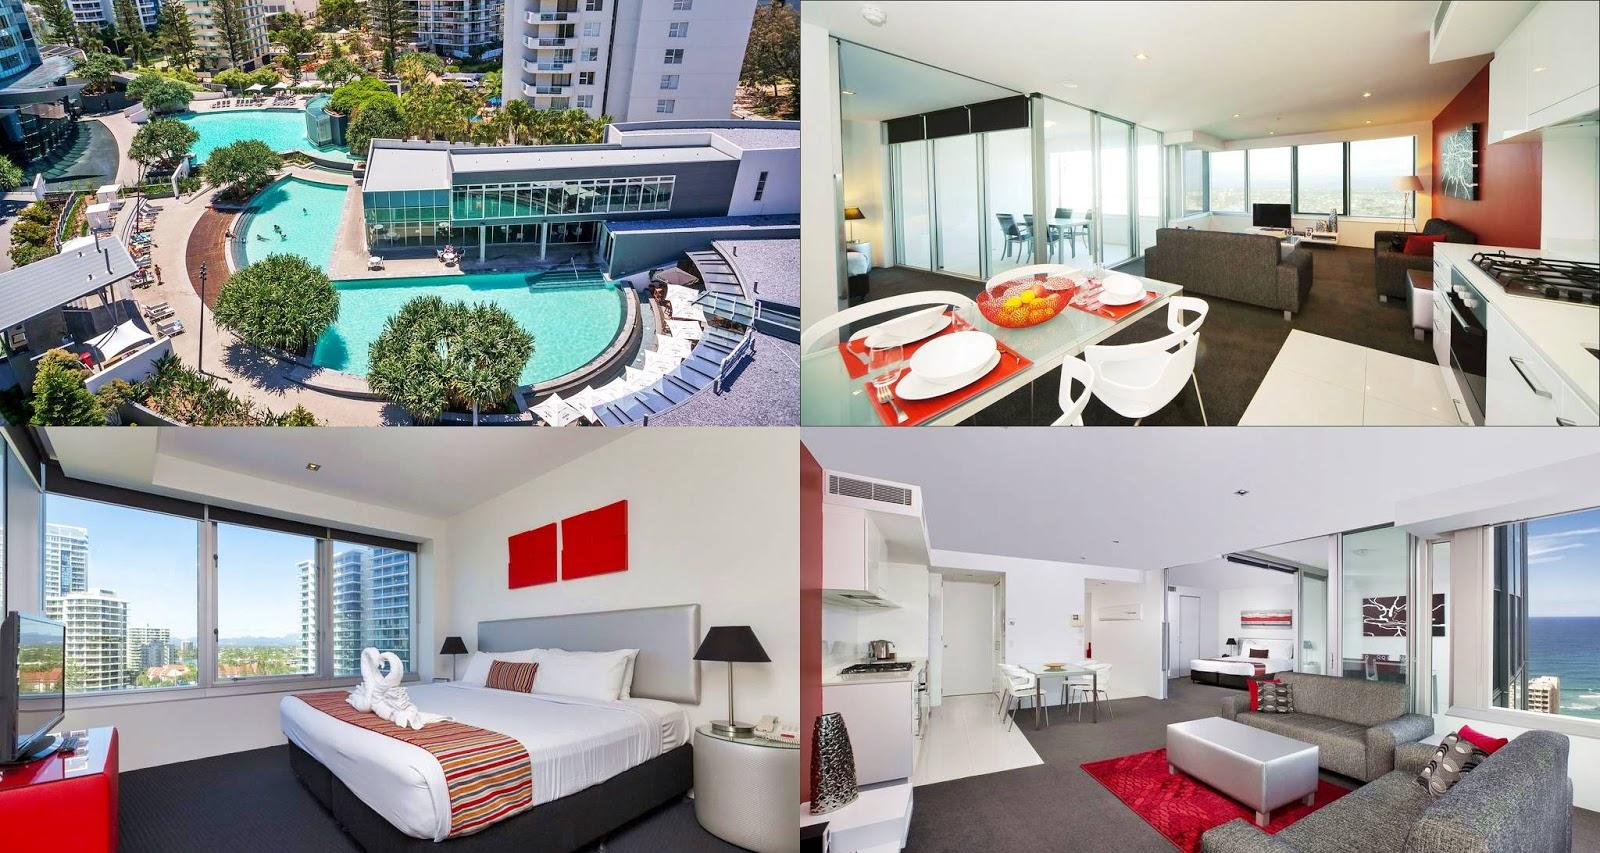 黃金海岸-住宿-推薦-飯店-酒店-旅館-民宿-公寓-溫泉度假村-Q1-Resort-Spa-旅遊-澳洲-Gold-Coast-Hotel-Apartment-Australia